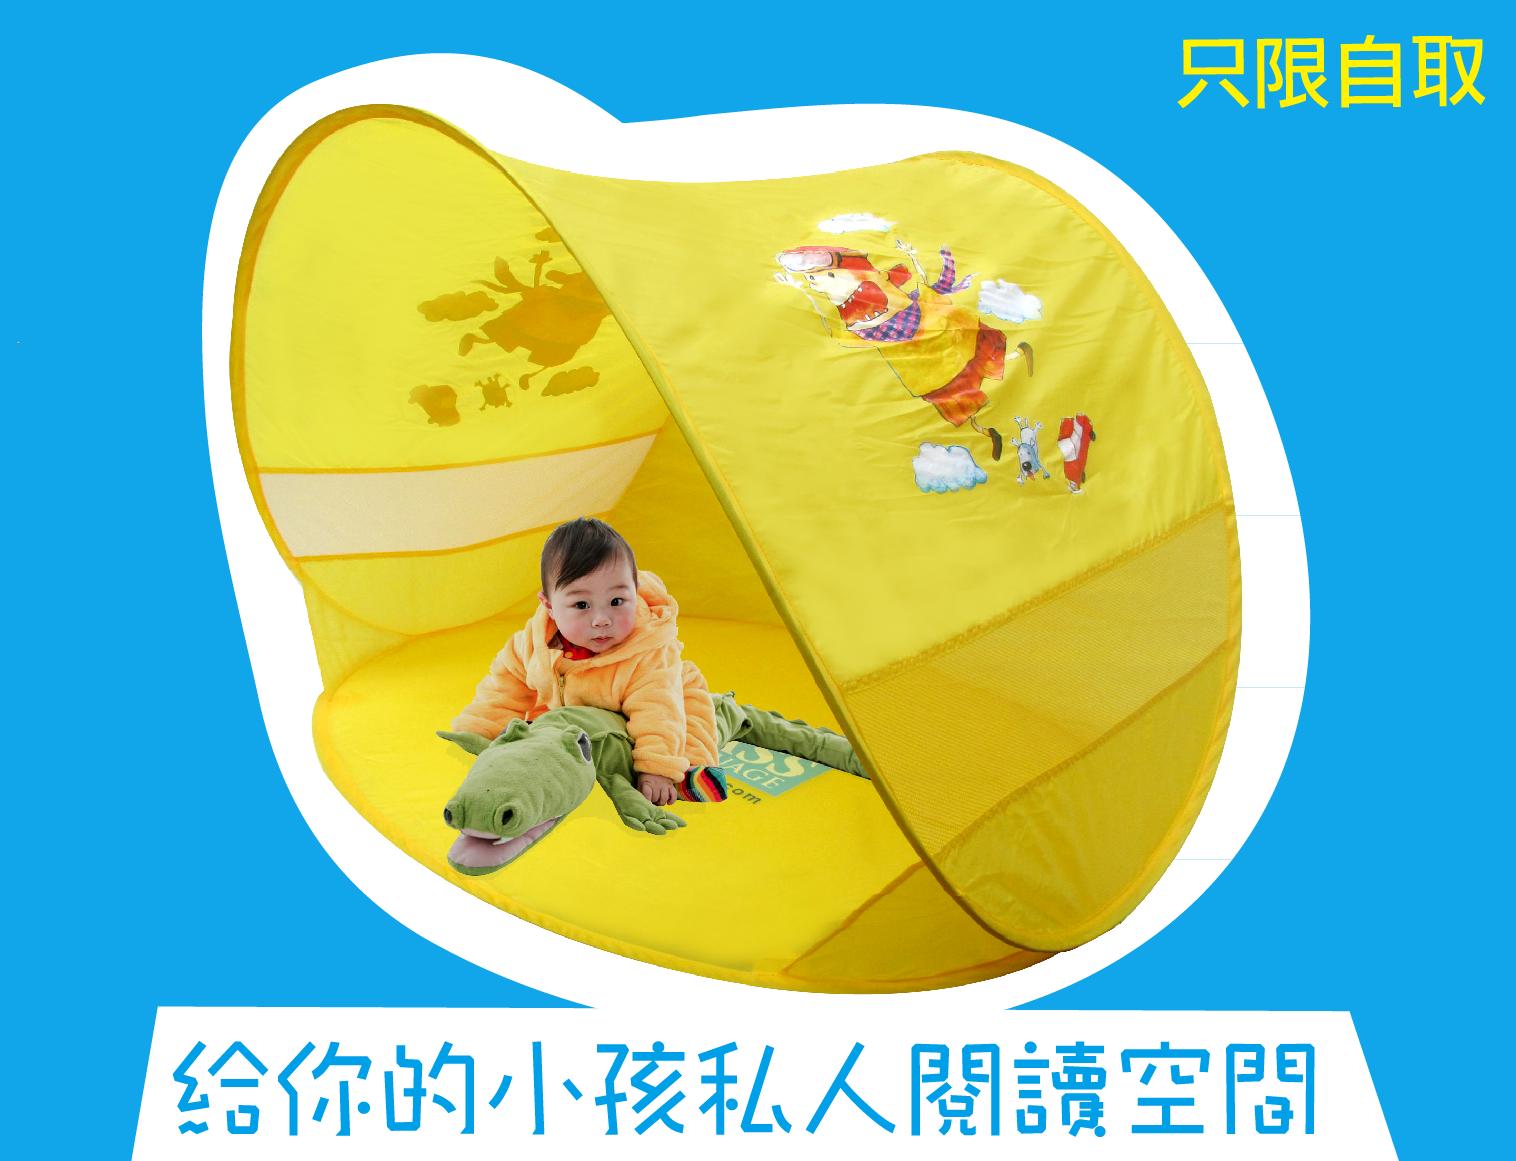 加推 !即買即用 !  限定25 套 以 $99 購買 兒童活動帳篷 給小朋友私人閱動空間  █ 只限自取